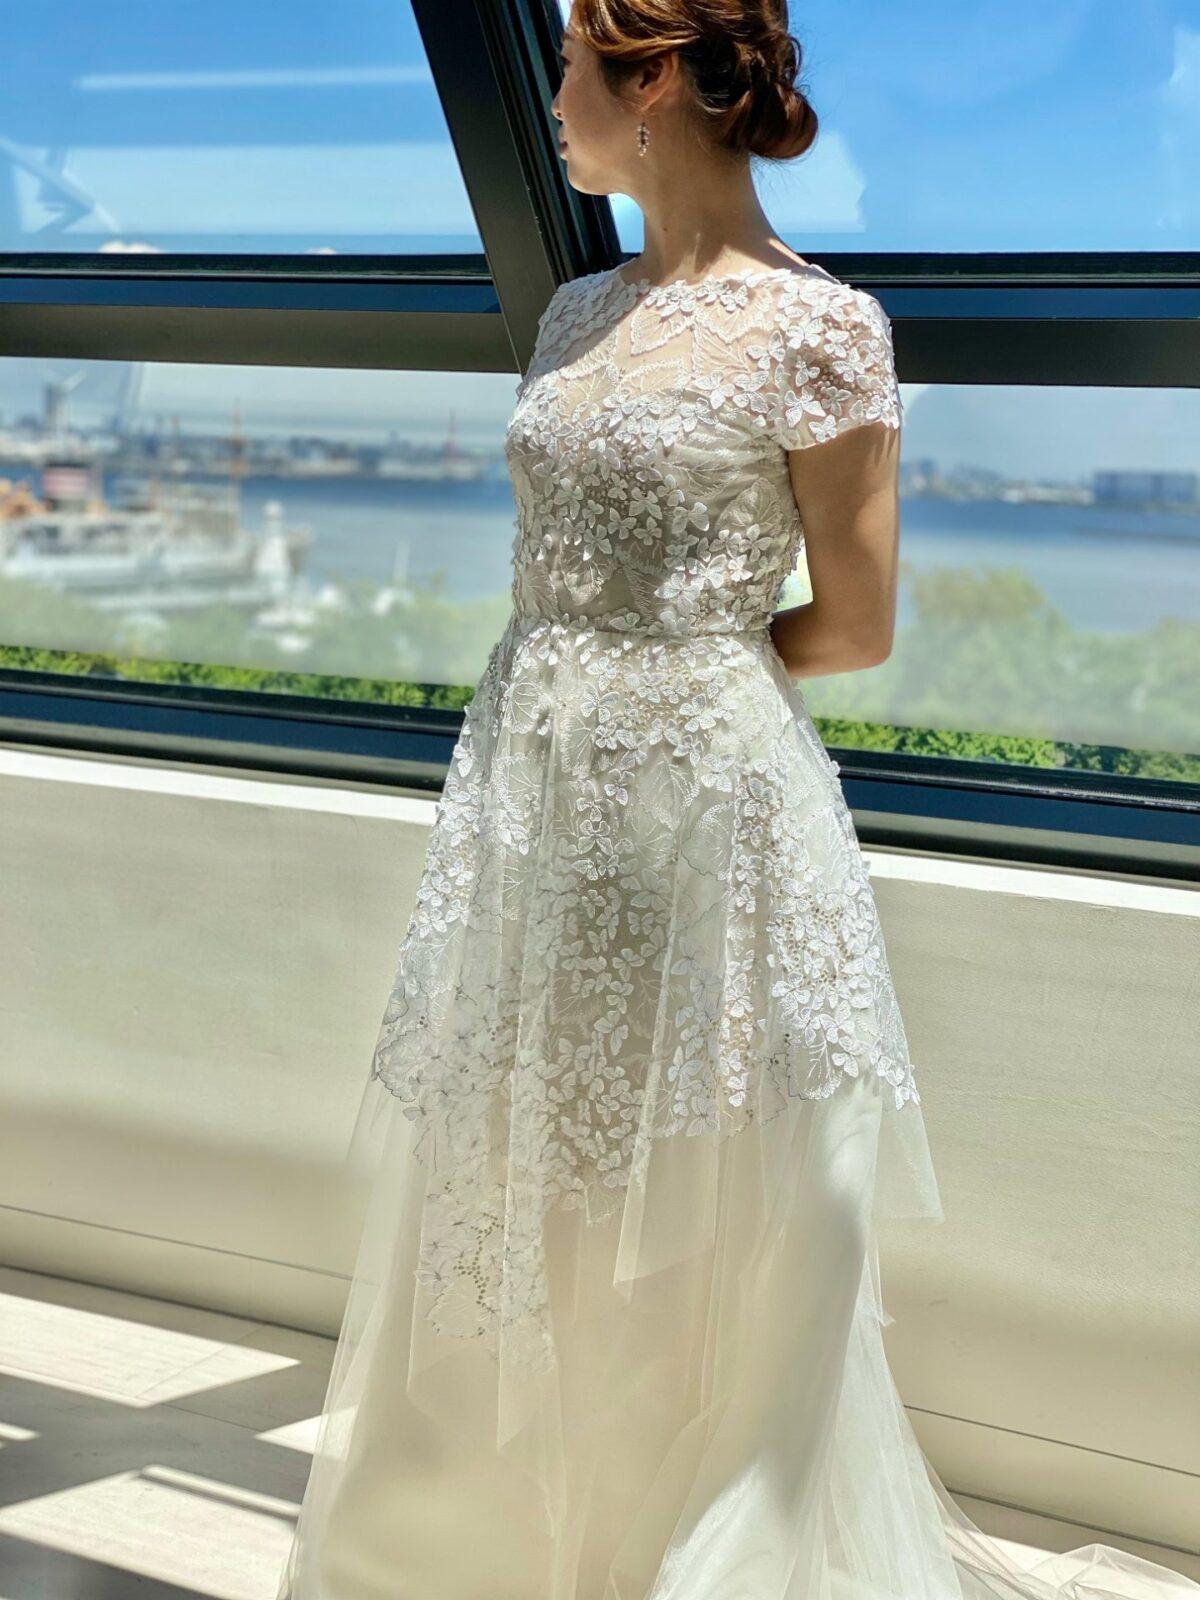 バーニーズニューヨーク横浜店らしいファッショナブルなレンタルウェディングドレス